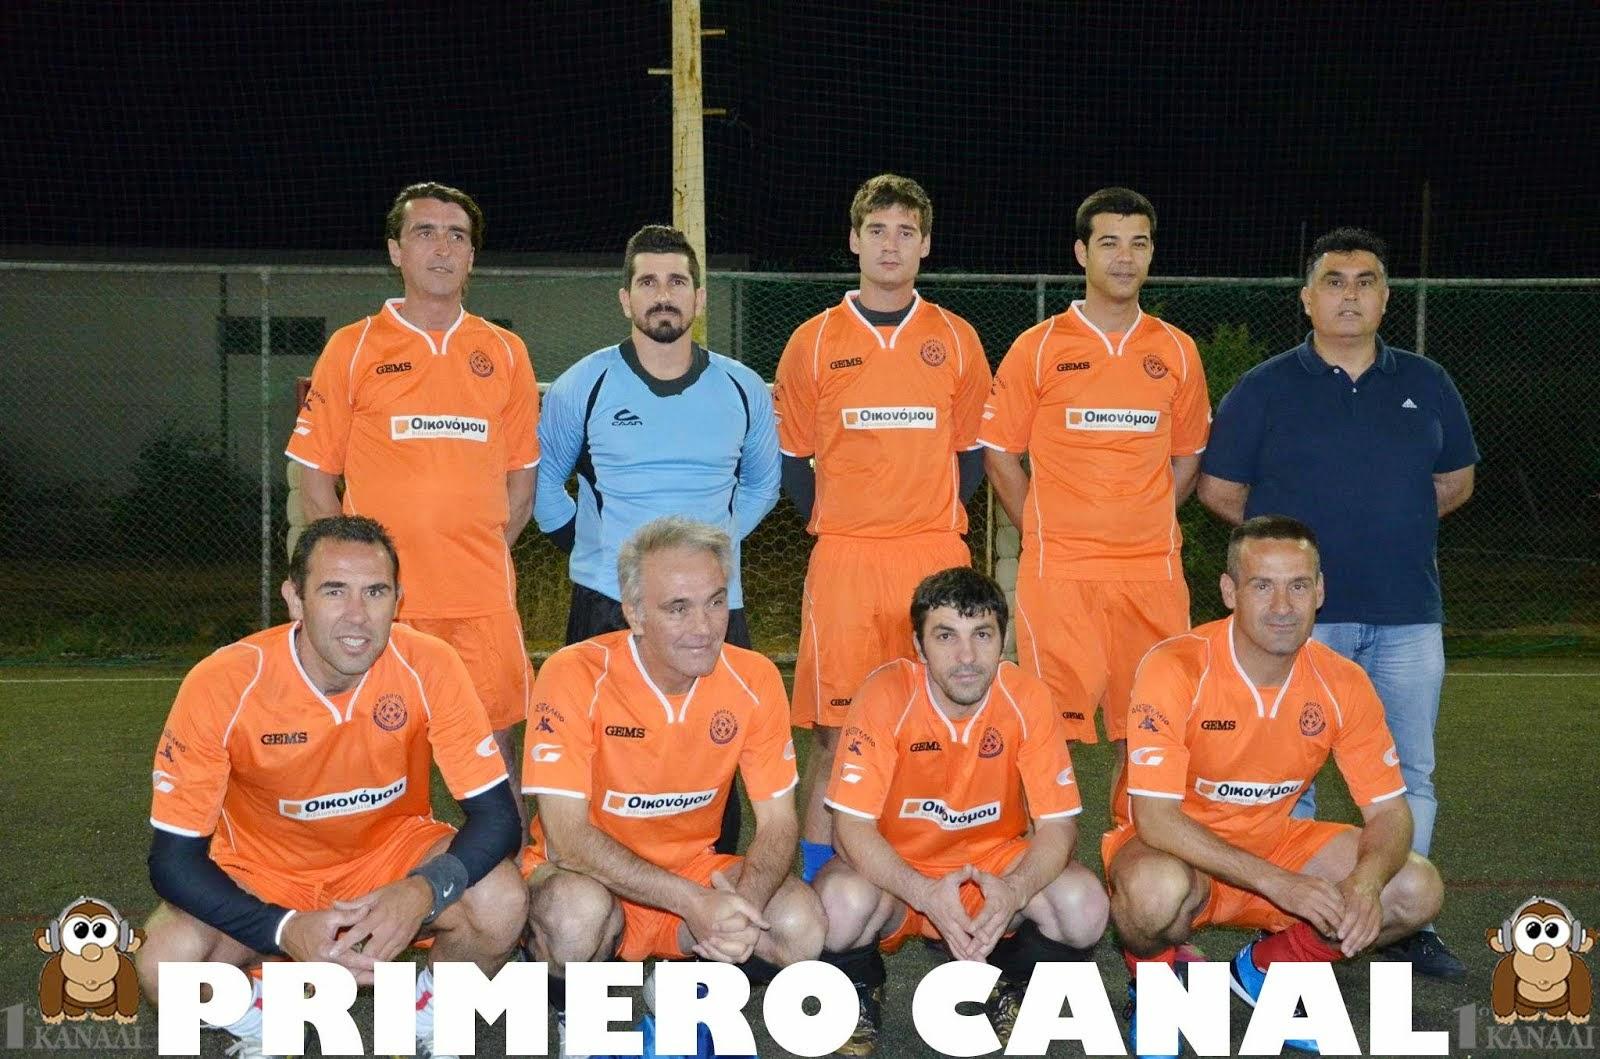 PRIMERO CANAL